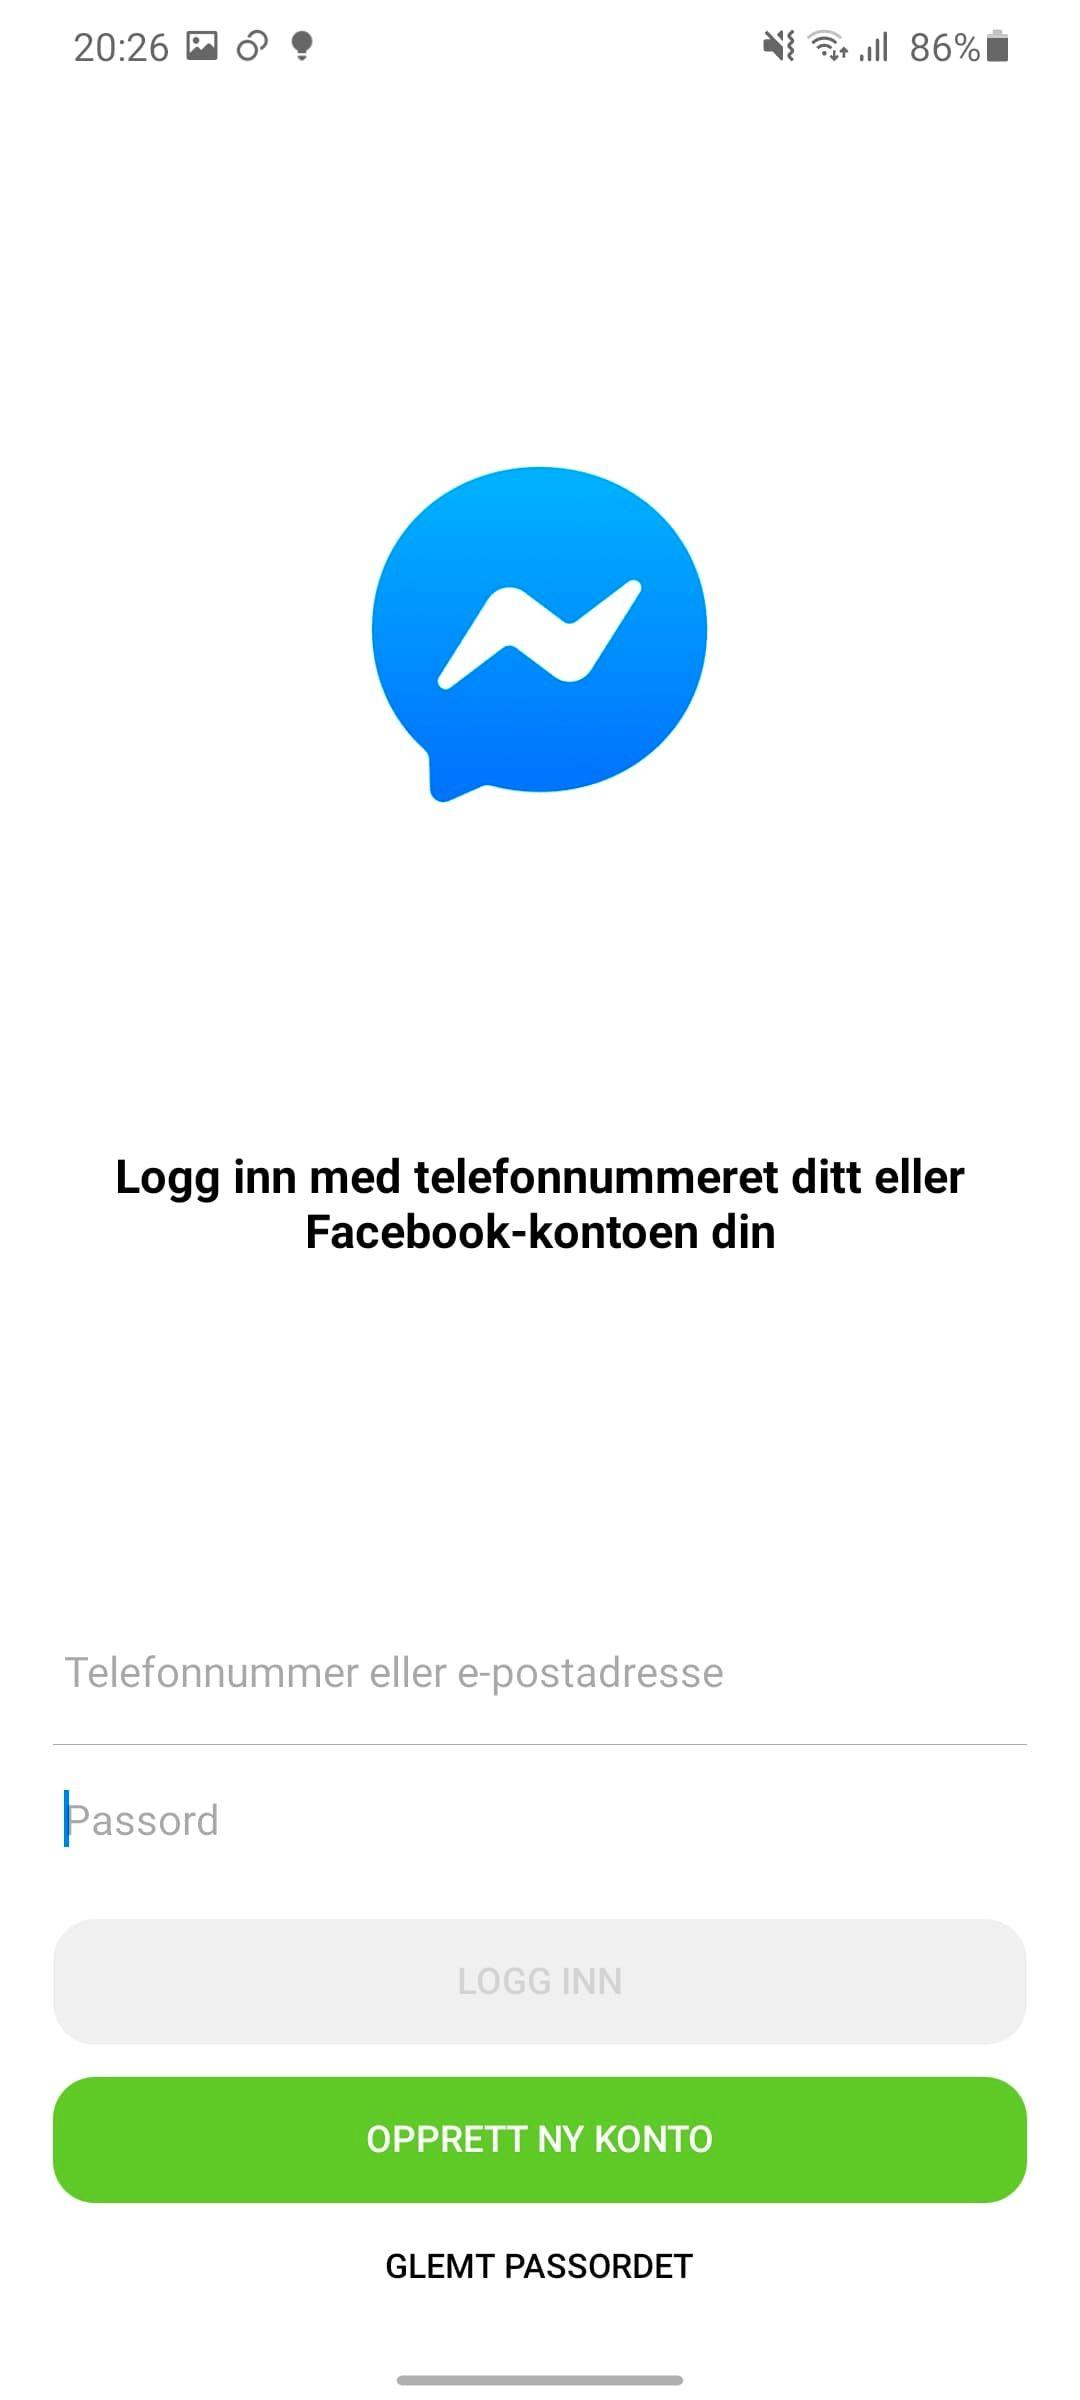 Logg inn i Messenger med Facebook-kontoen din. Hvis du allerede har Facebook-appen innlogget på mobilen din kan du vanligvis gå rett inn uten innlogging. Hvis du ikke har konto tas du gjennom en veiviser for å opprette den.